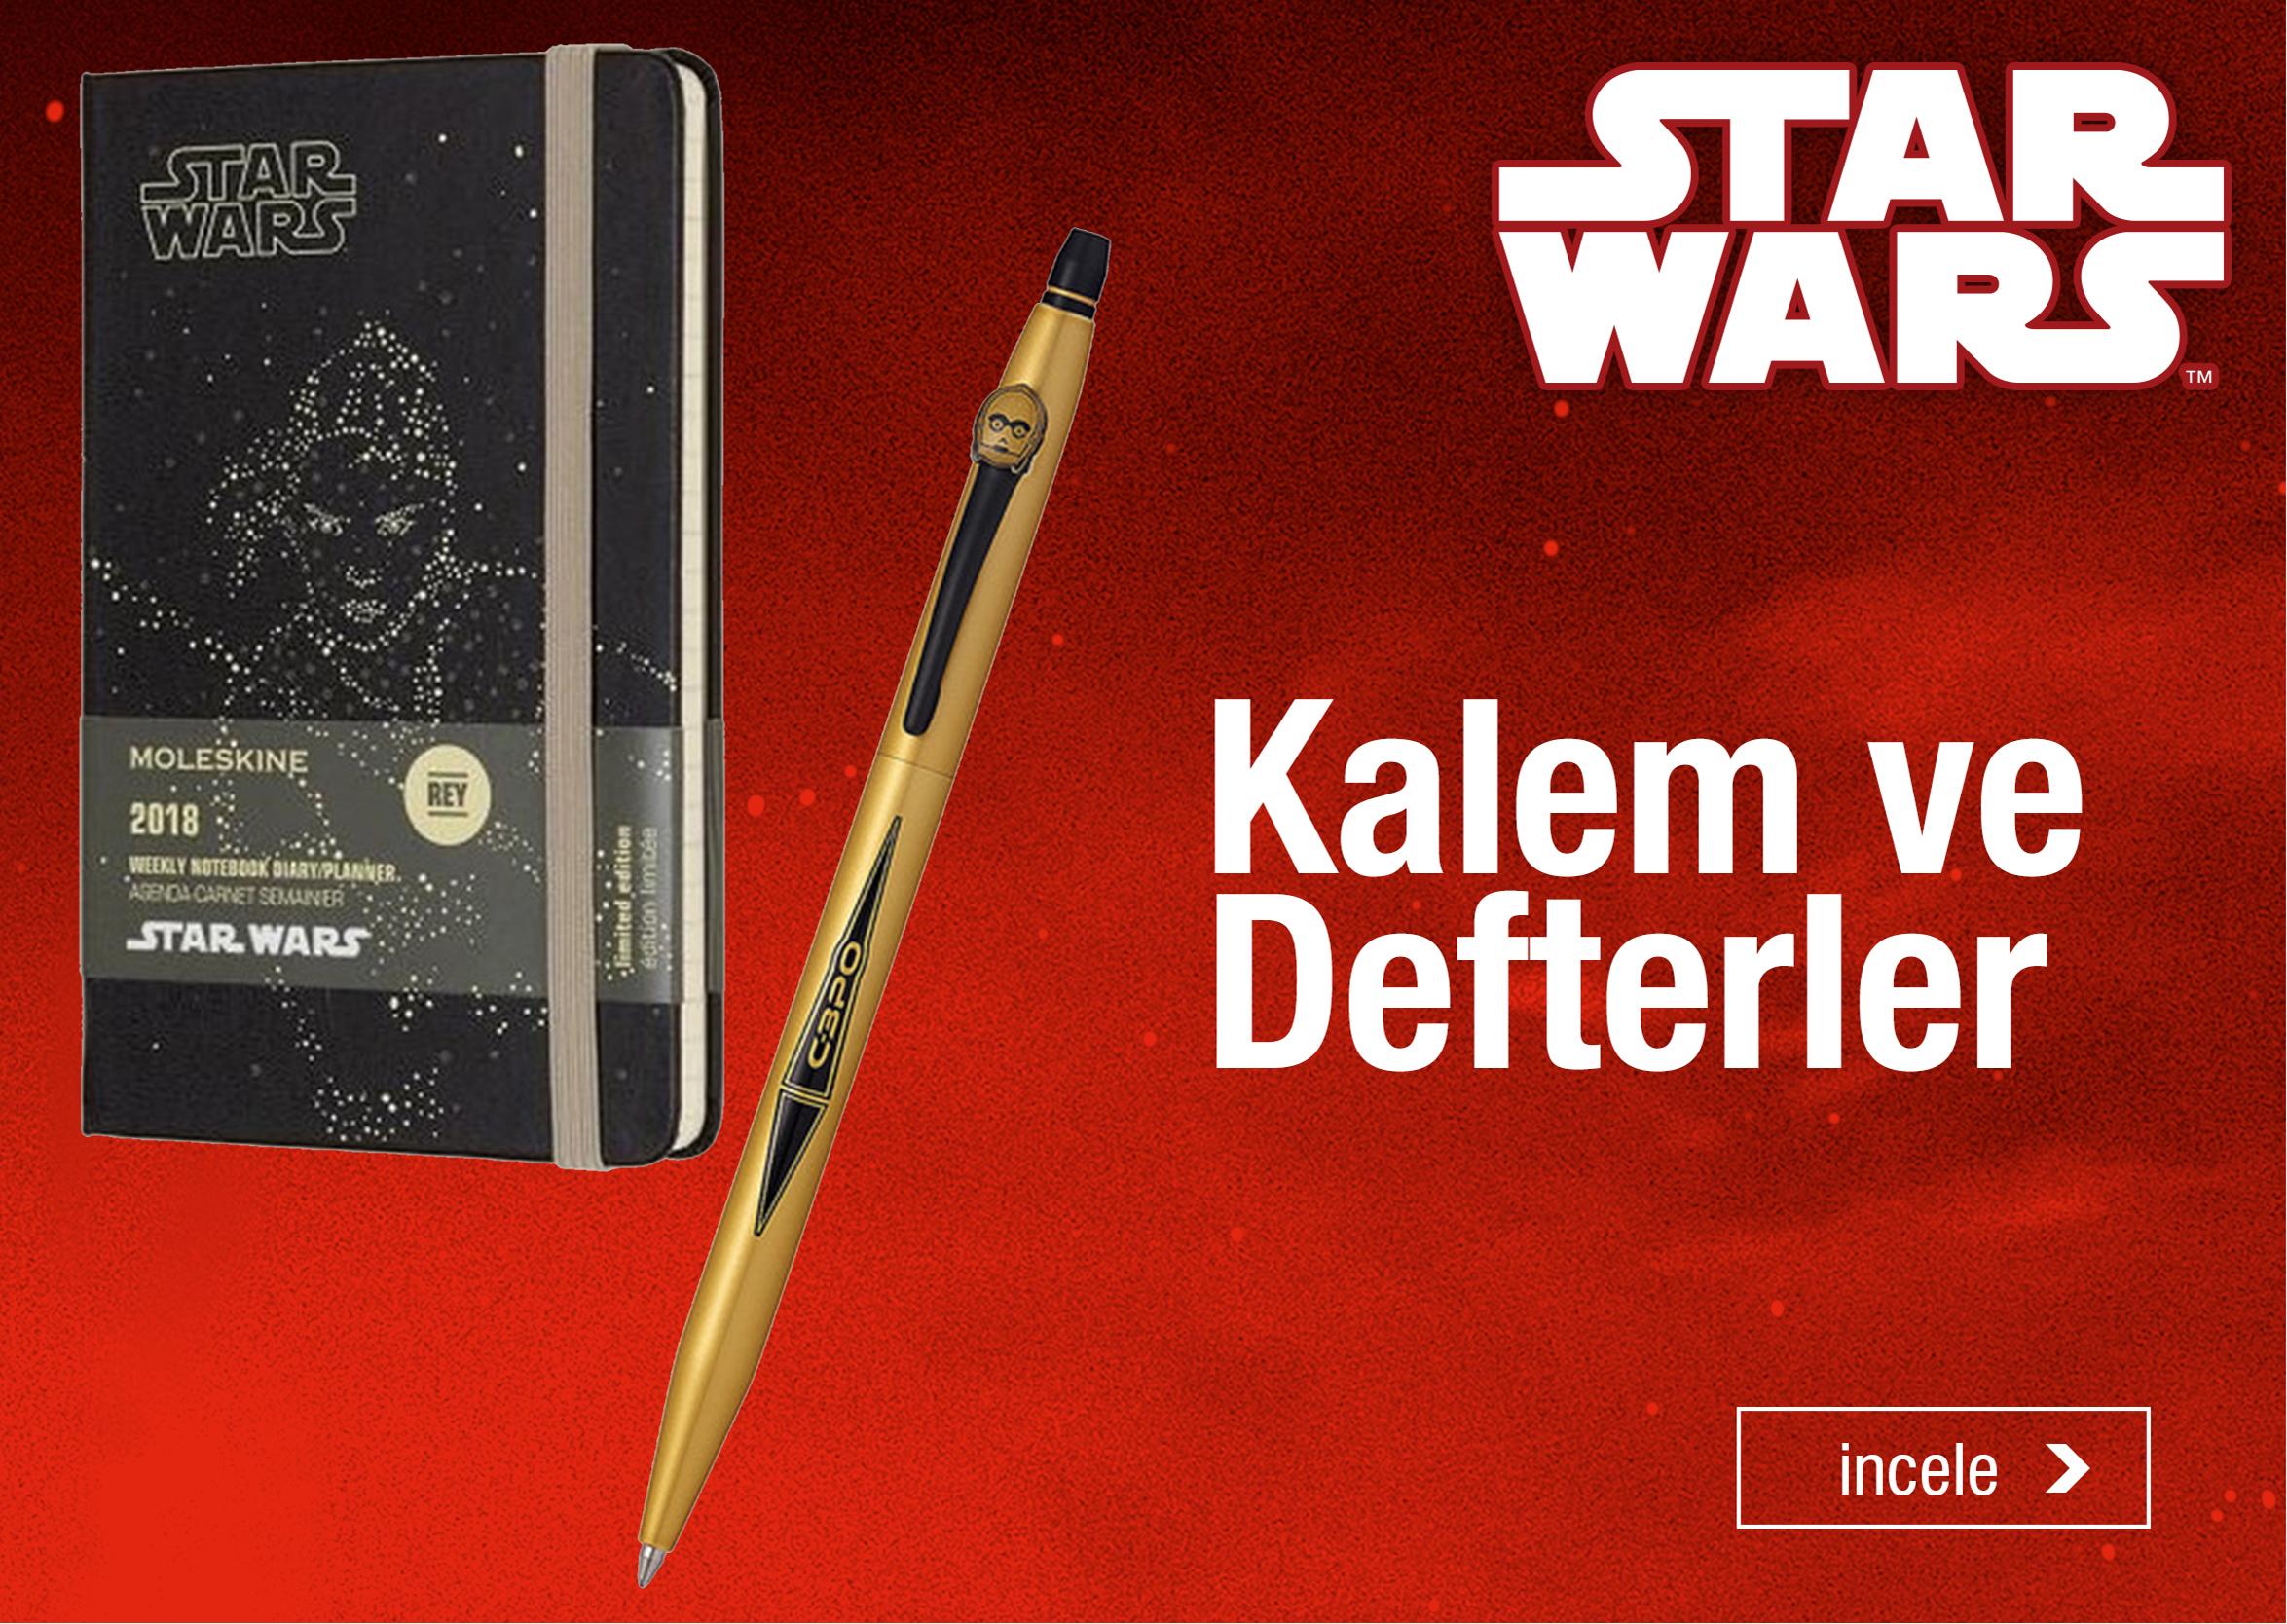 Kalem ve Defterleri